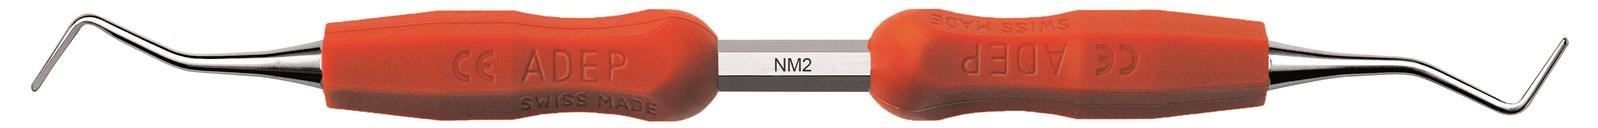 Lžičkové dlátko - NM2, ADEP tmavě zelený